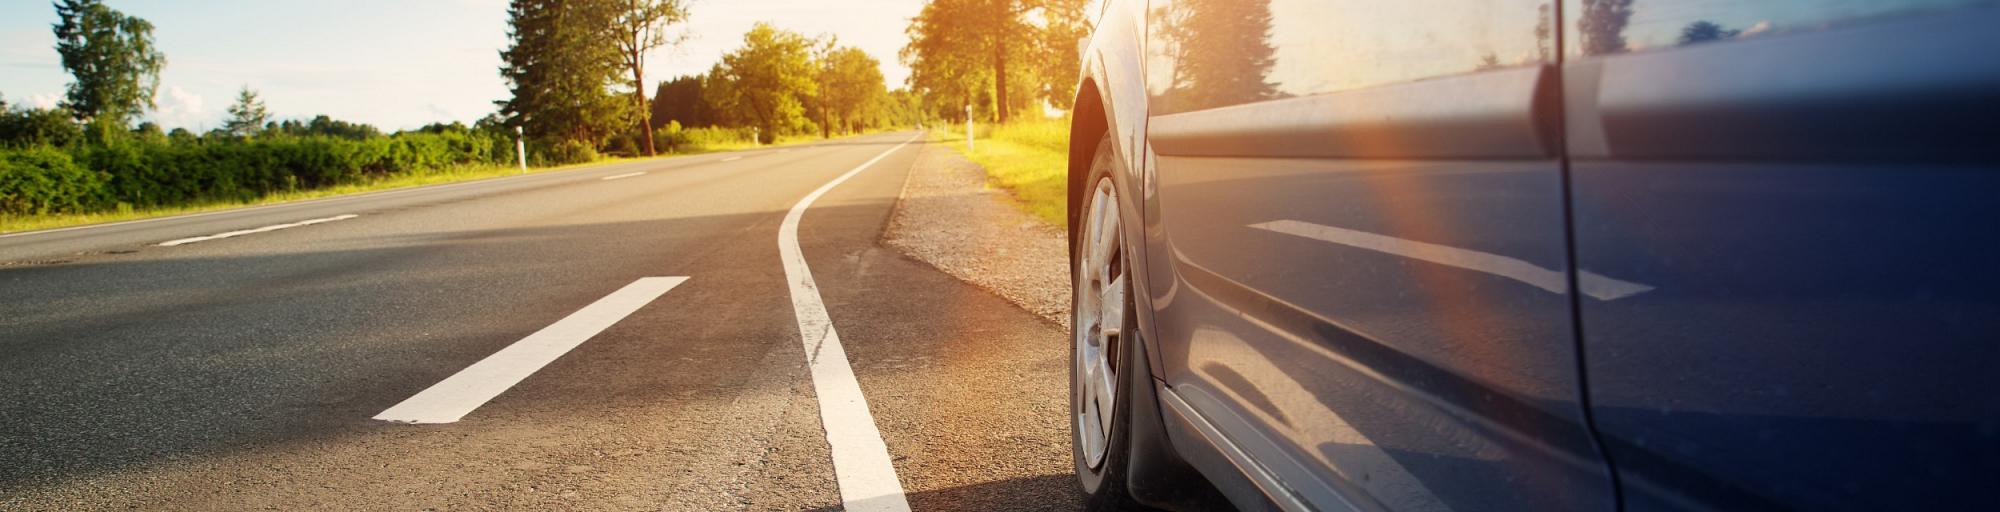 Auto & Reise leihen